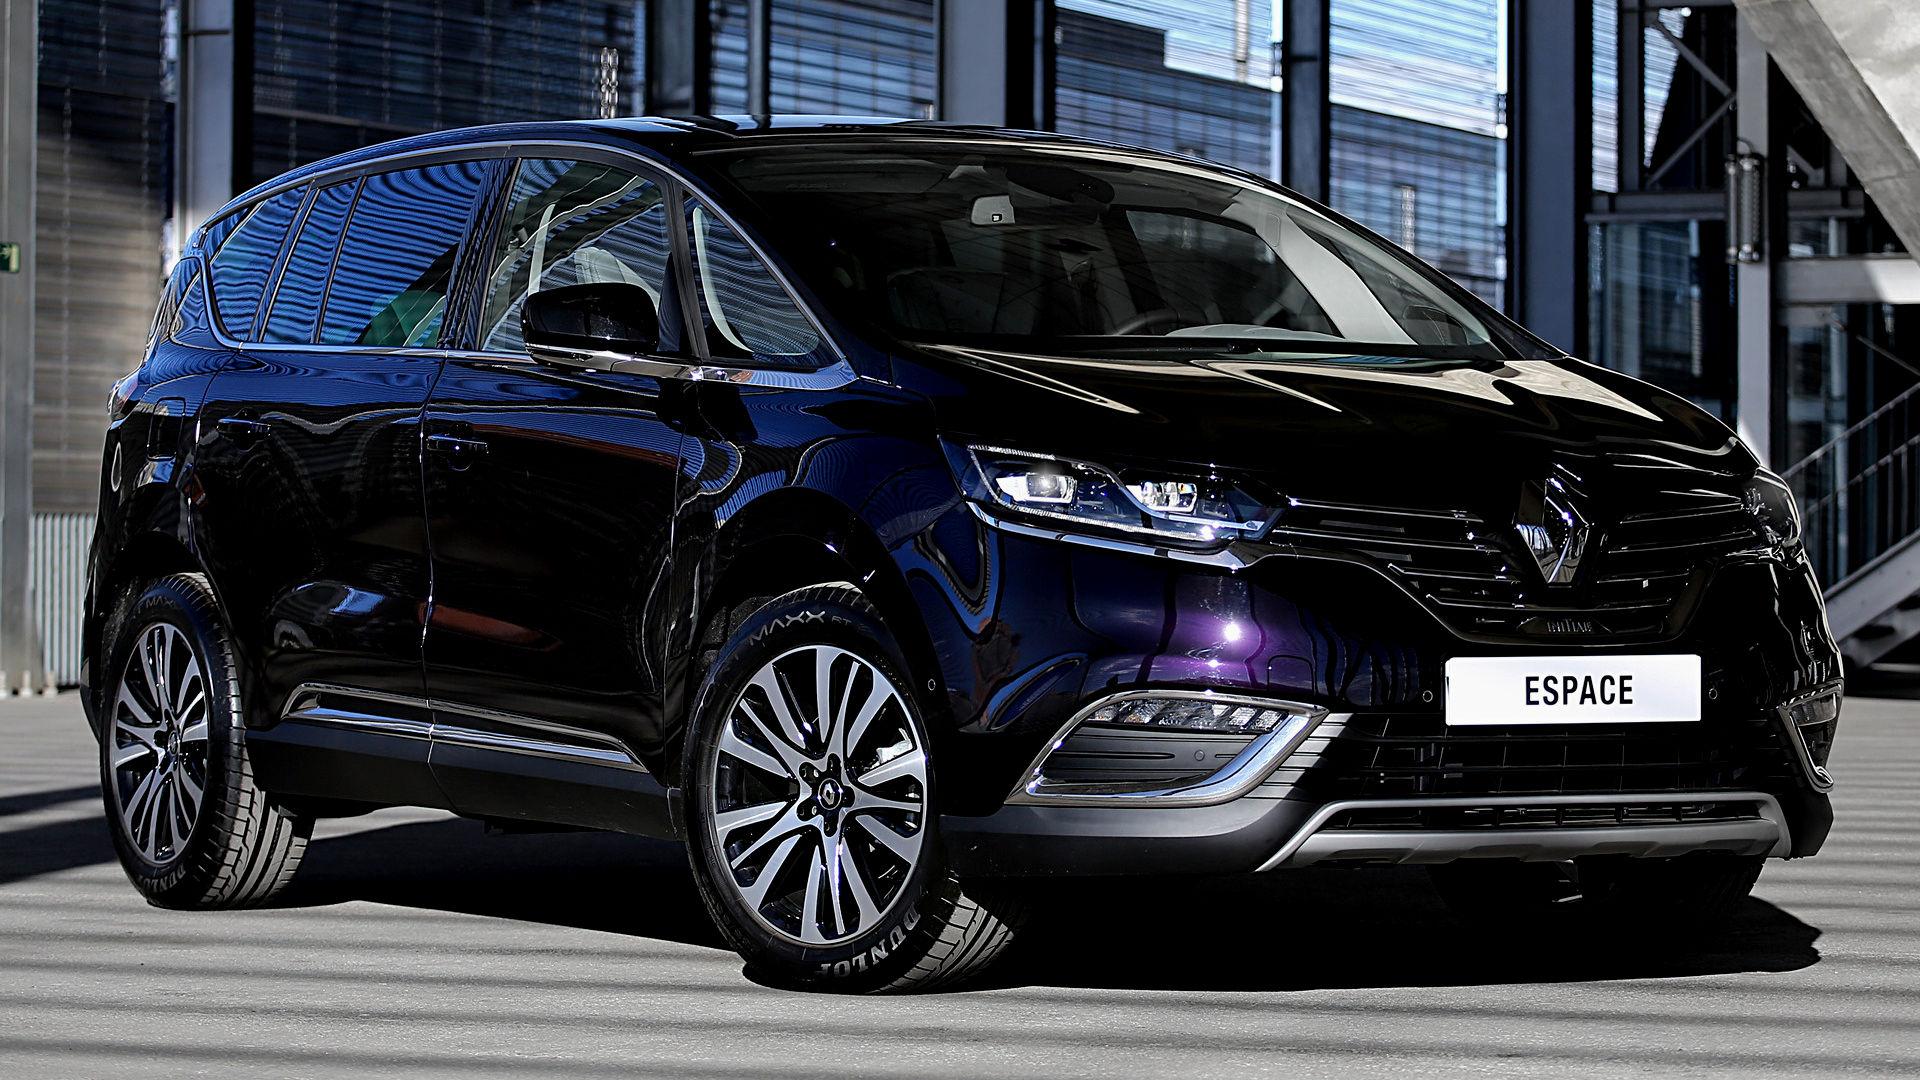 Concessionnaire et showroom Renault Rognac LGV Automobiles ...